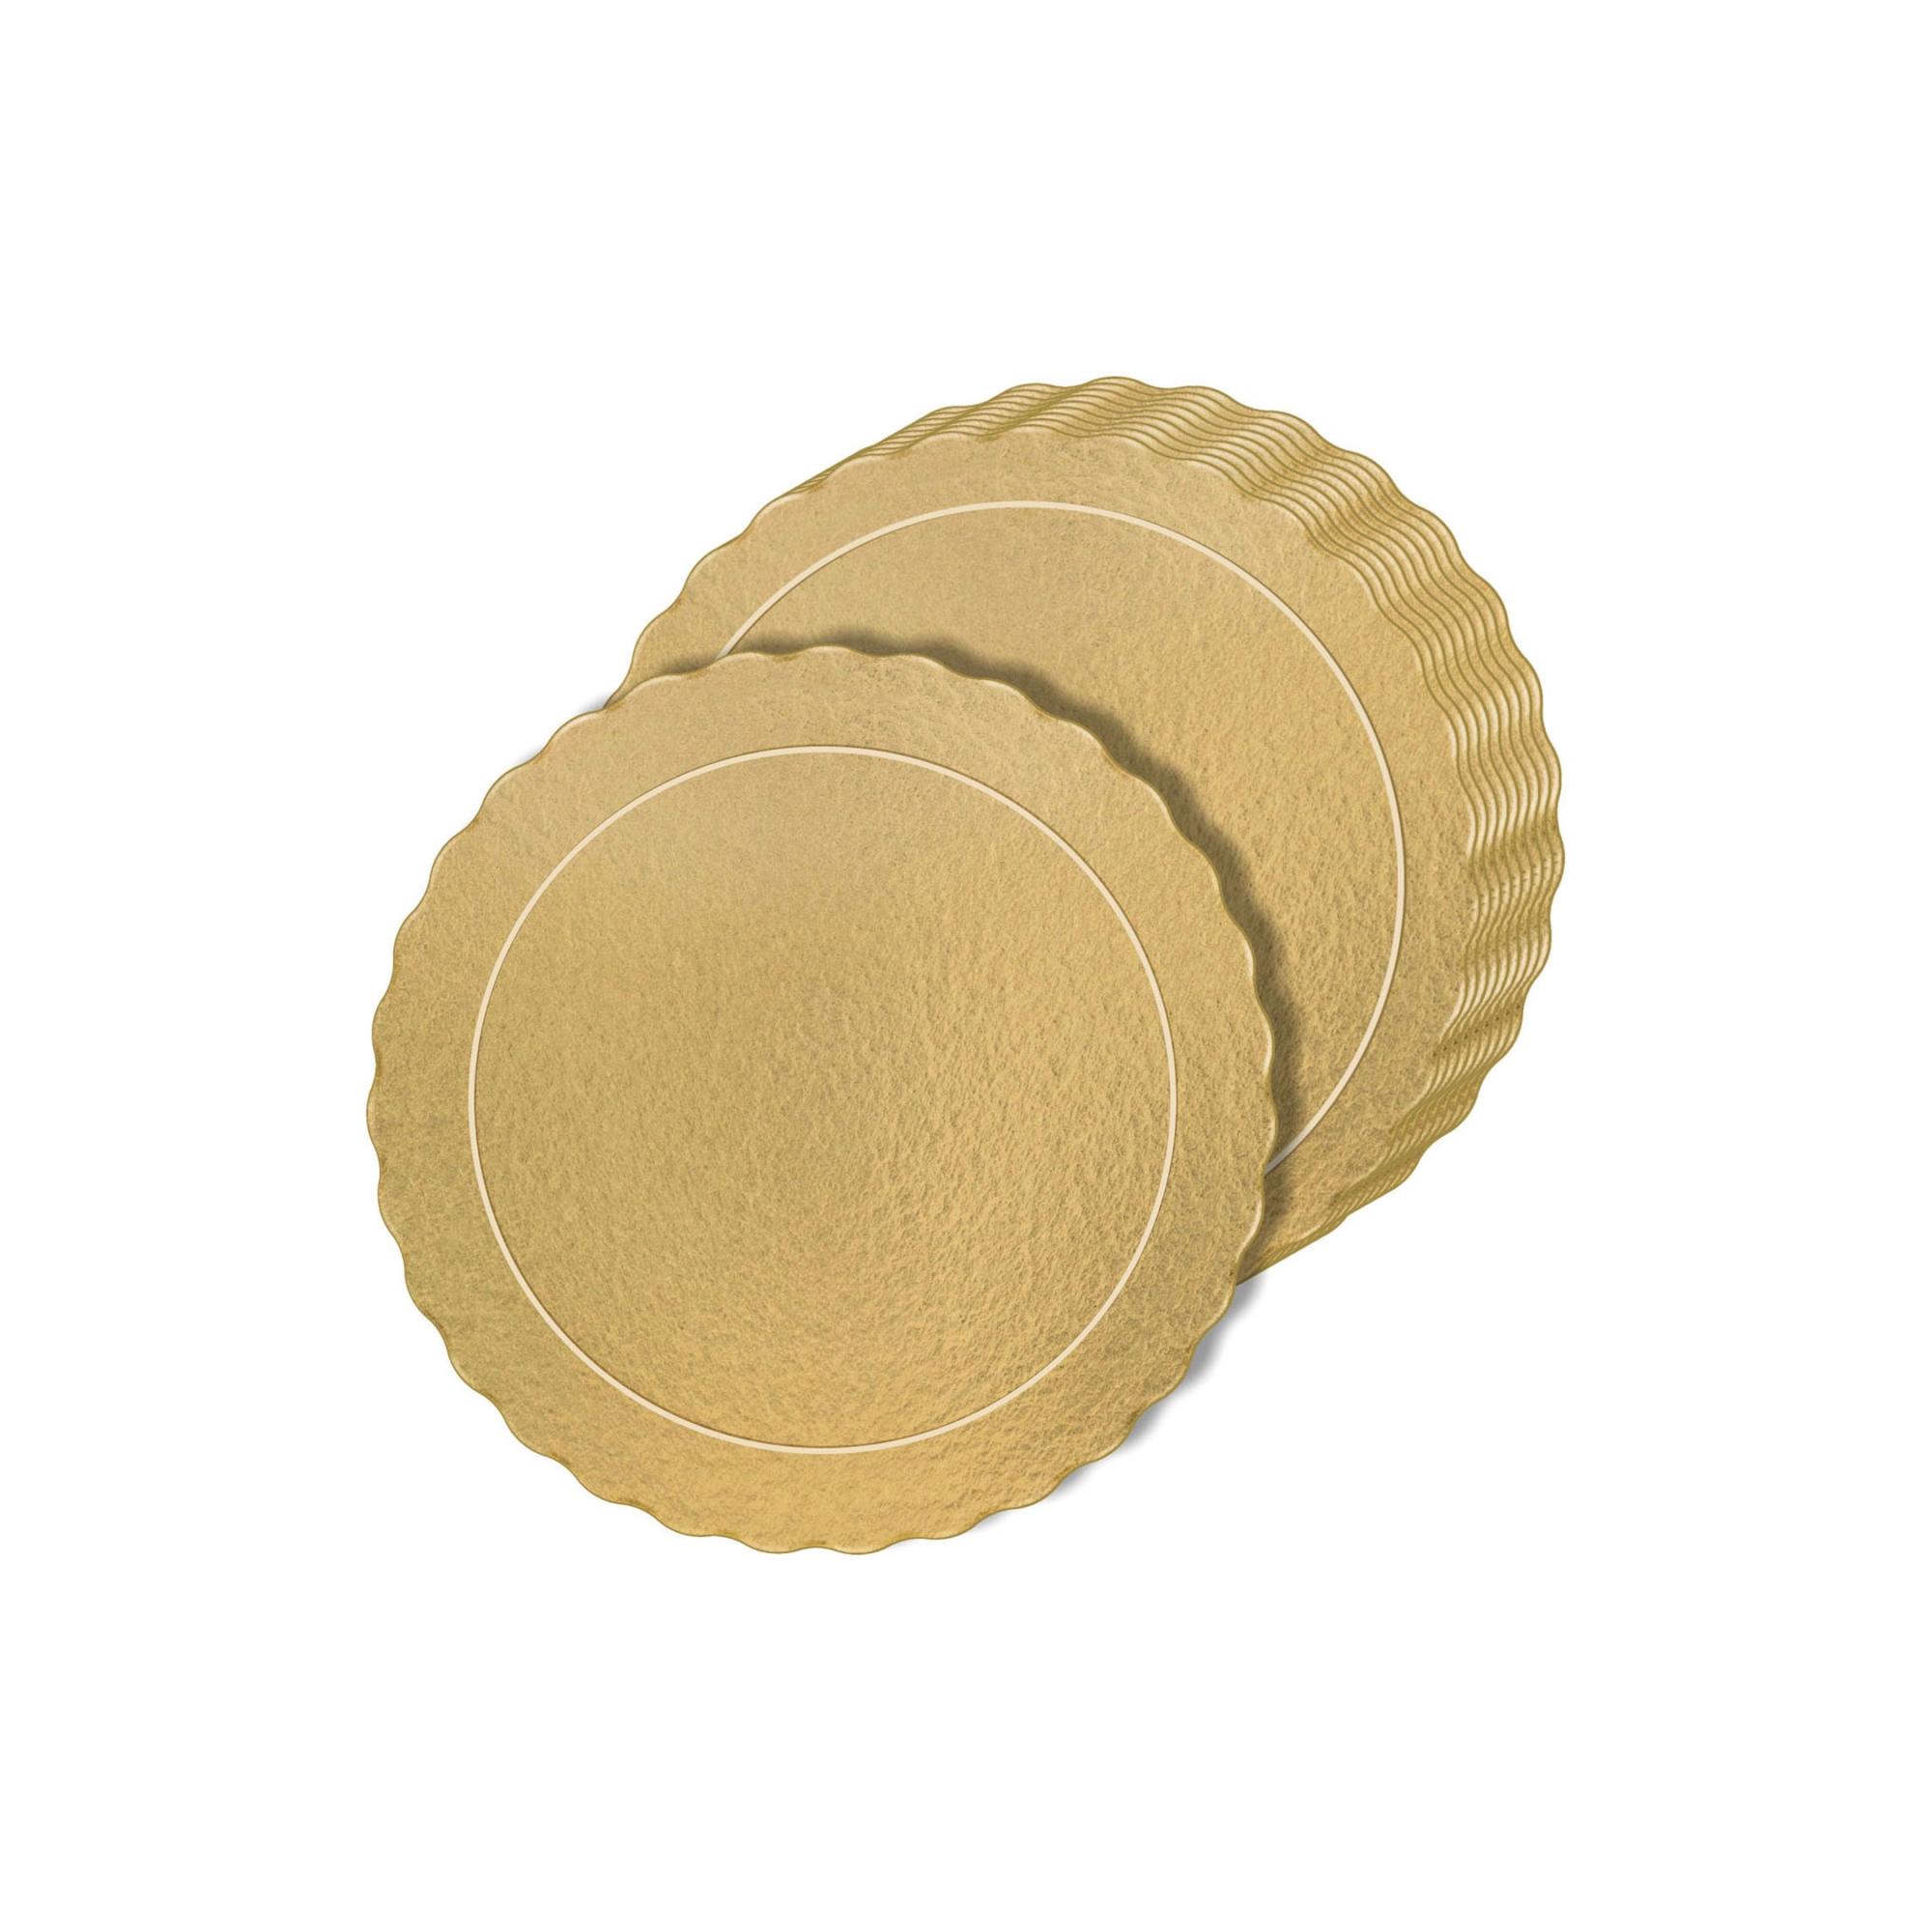 50 Bases Laminadas Para Bolo Redondo, Cake Board 26cm - Ouro